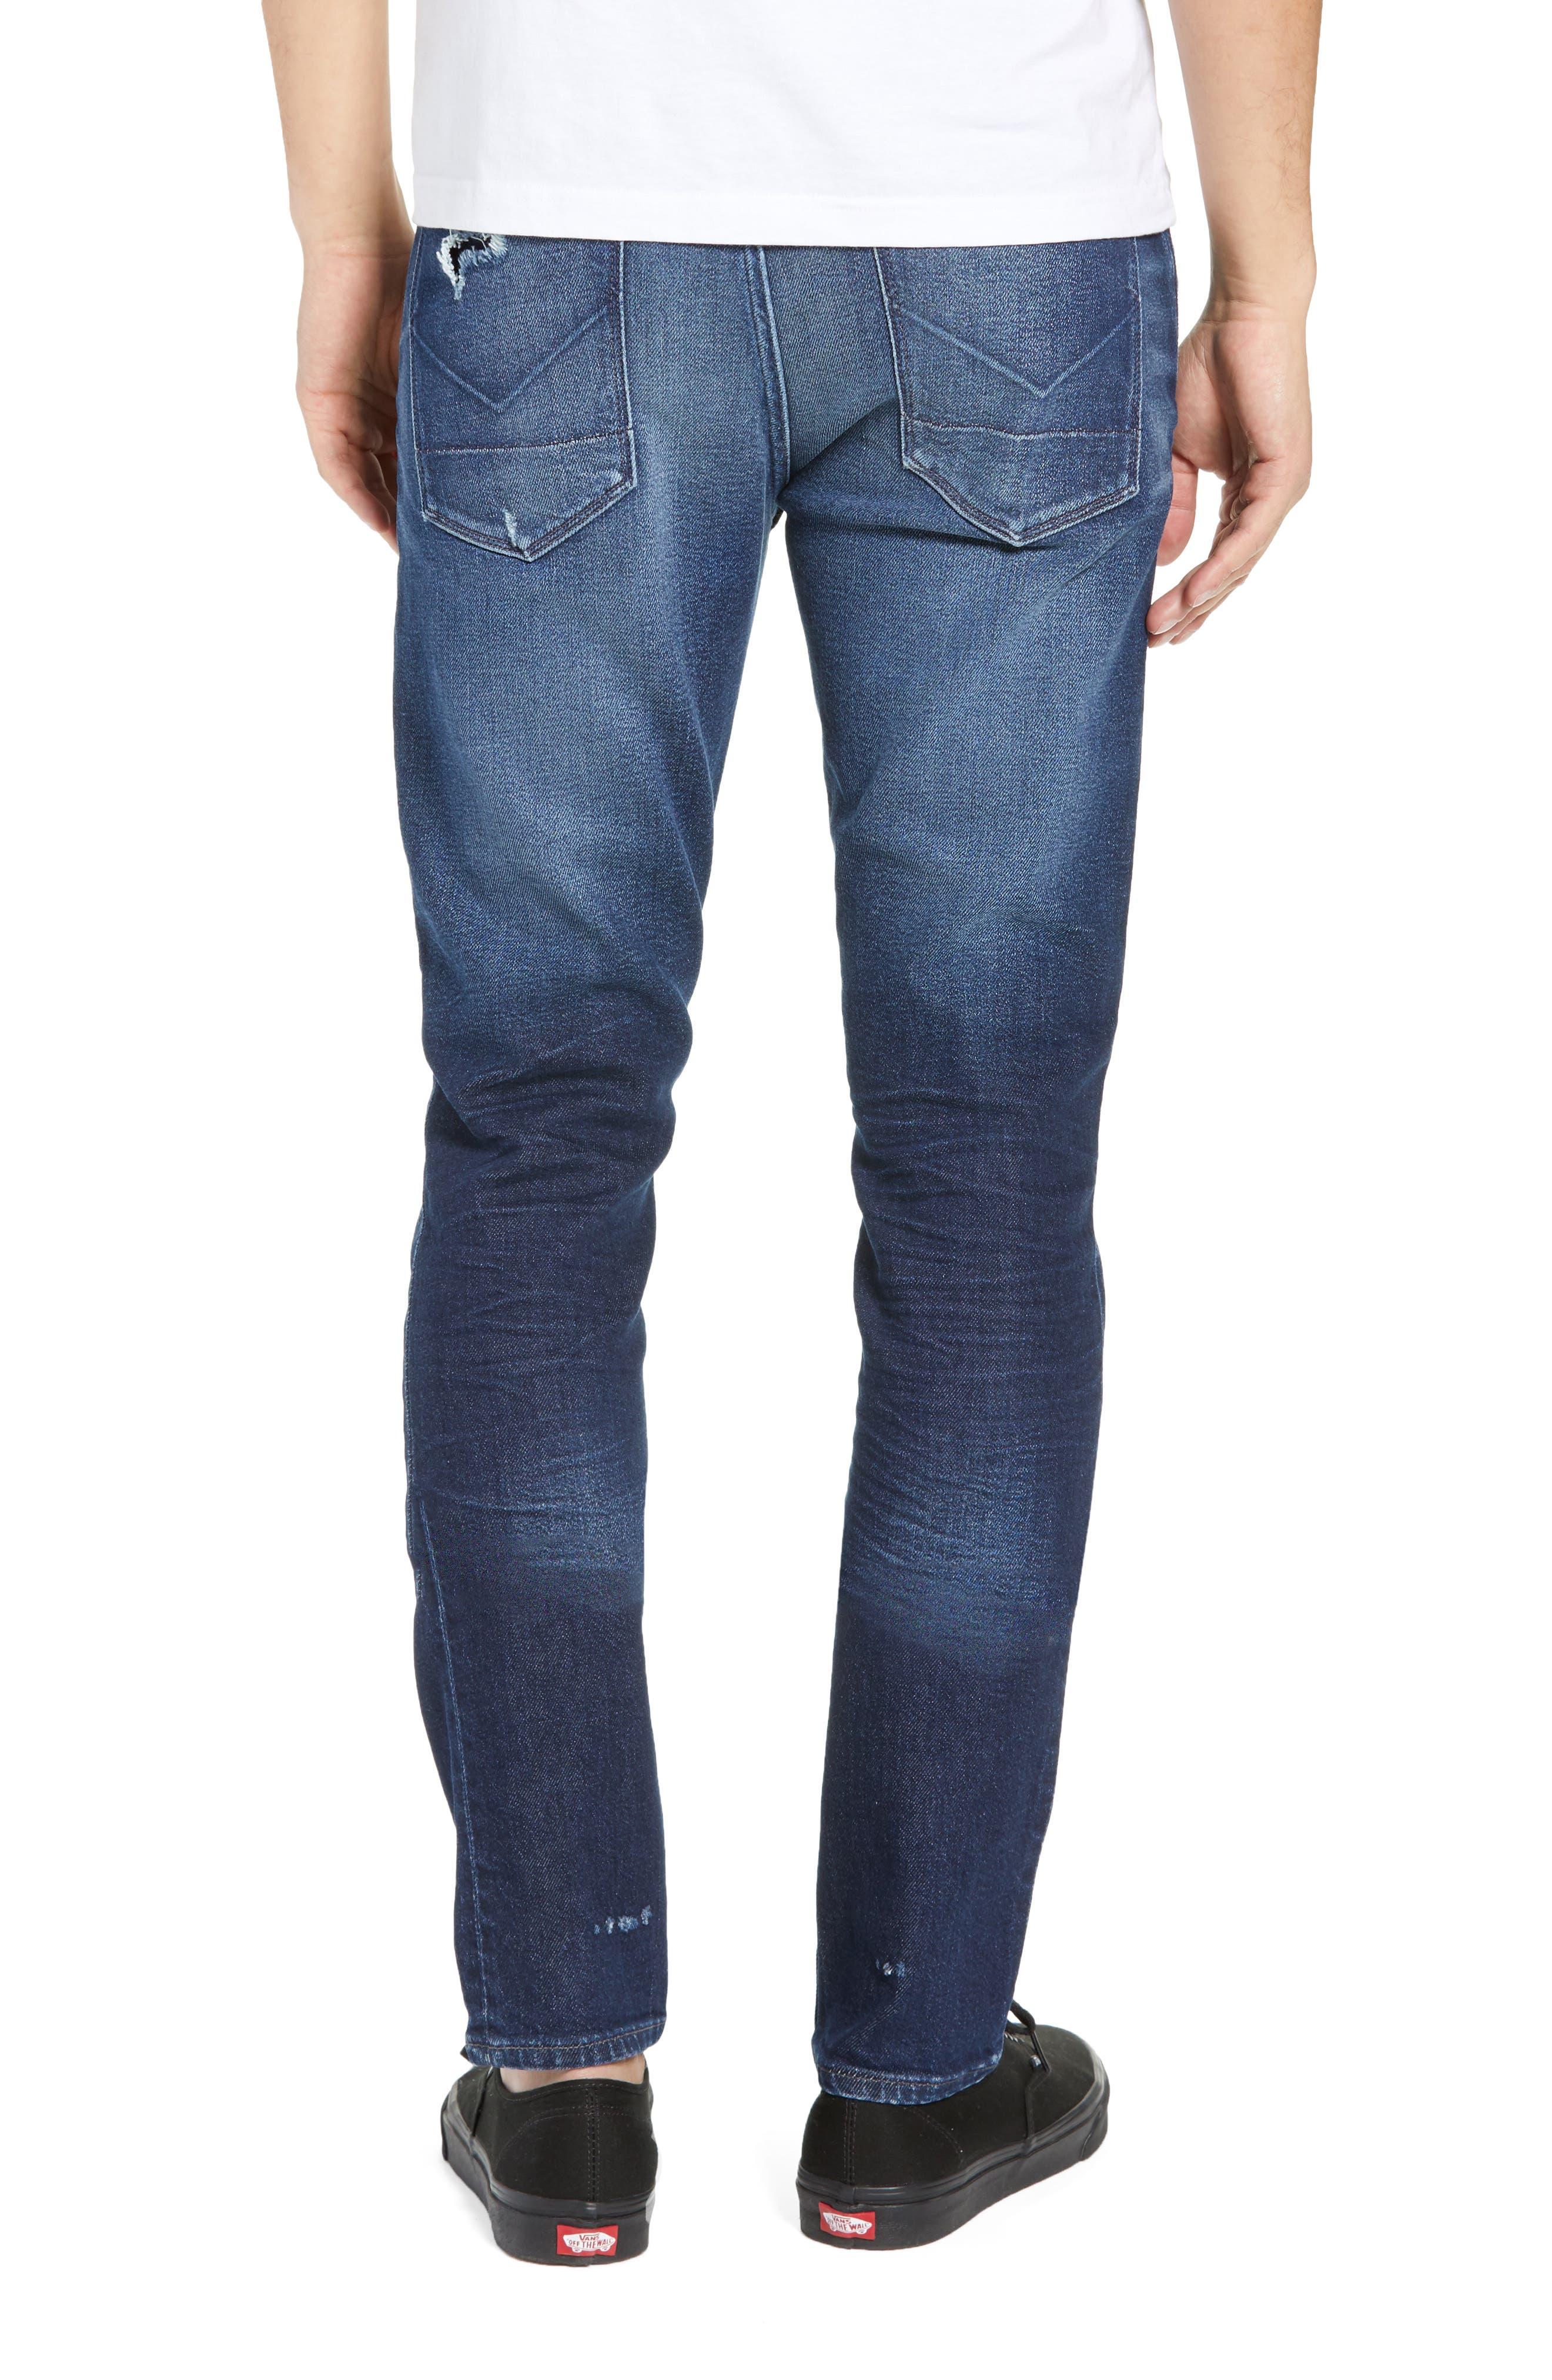 Axl Skinny Fit Jeans,                             Alternate thumbnail 2, color,                             BENNETT